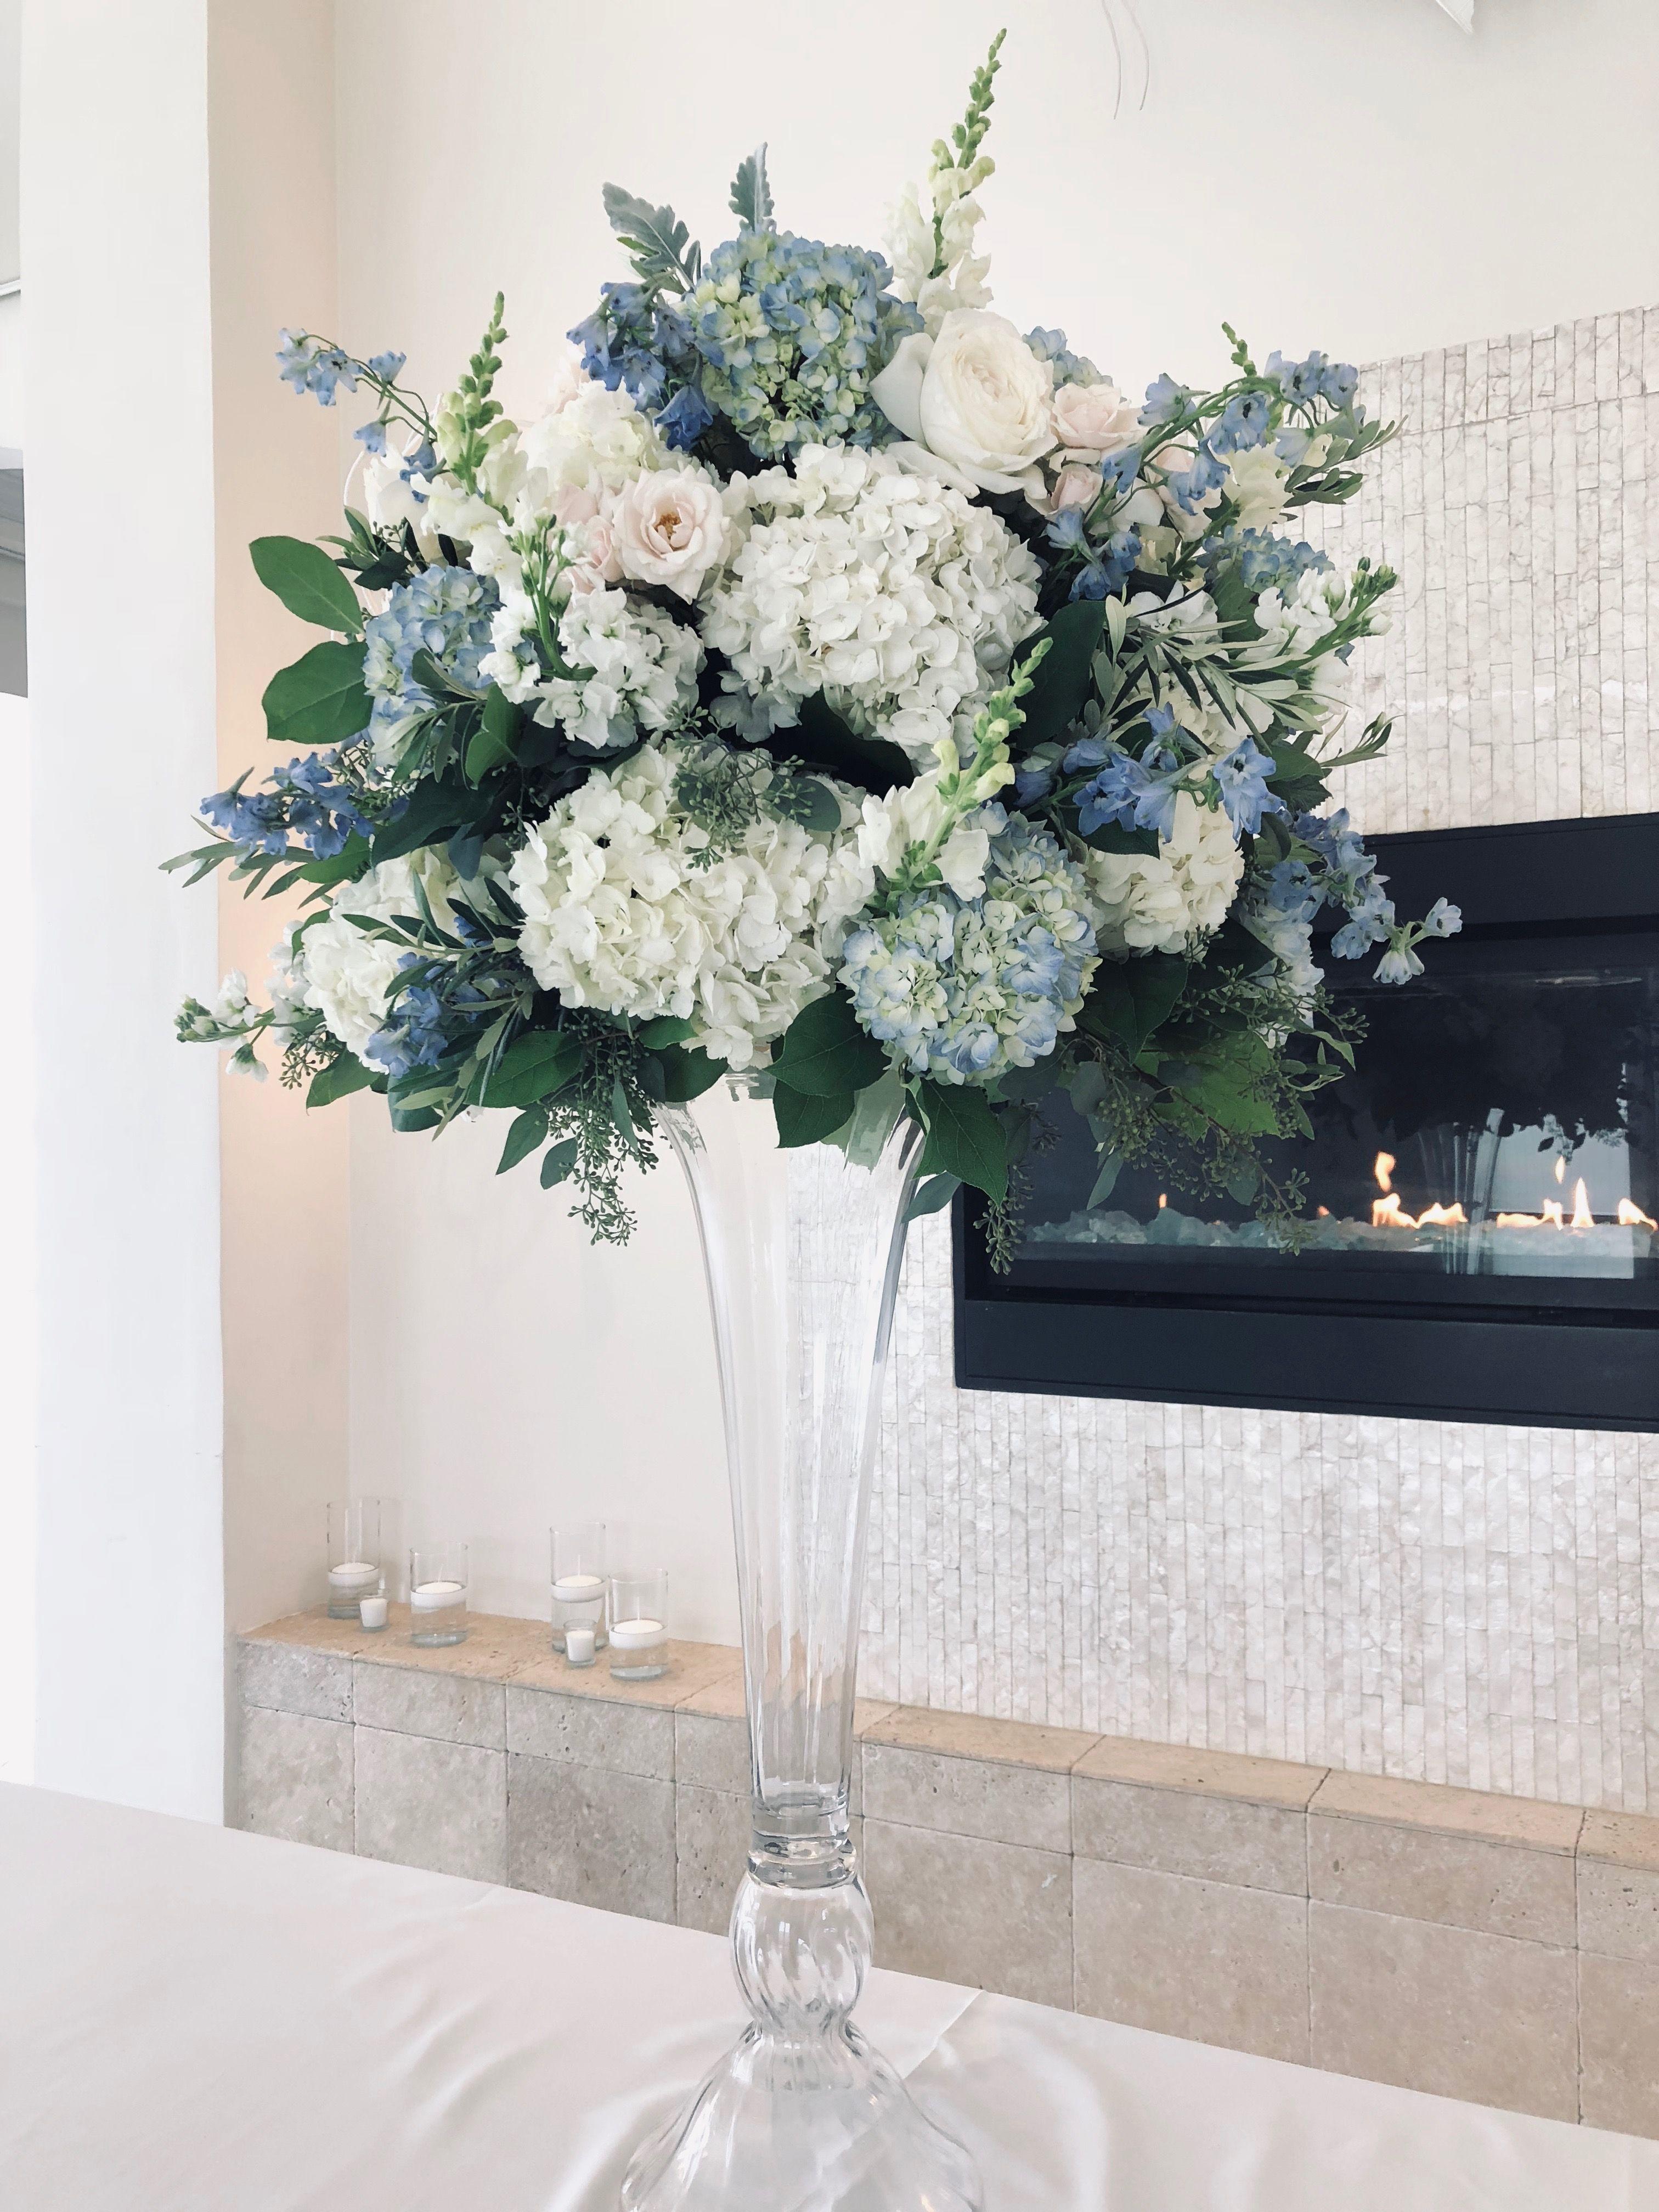 Blue And White At Belle Mer White Wedding Centerpieces Blue Wedding Centerpieces Blue Flower Centerpieces